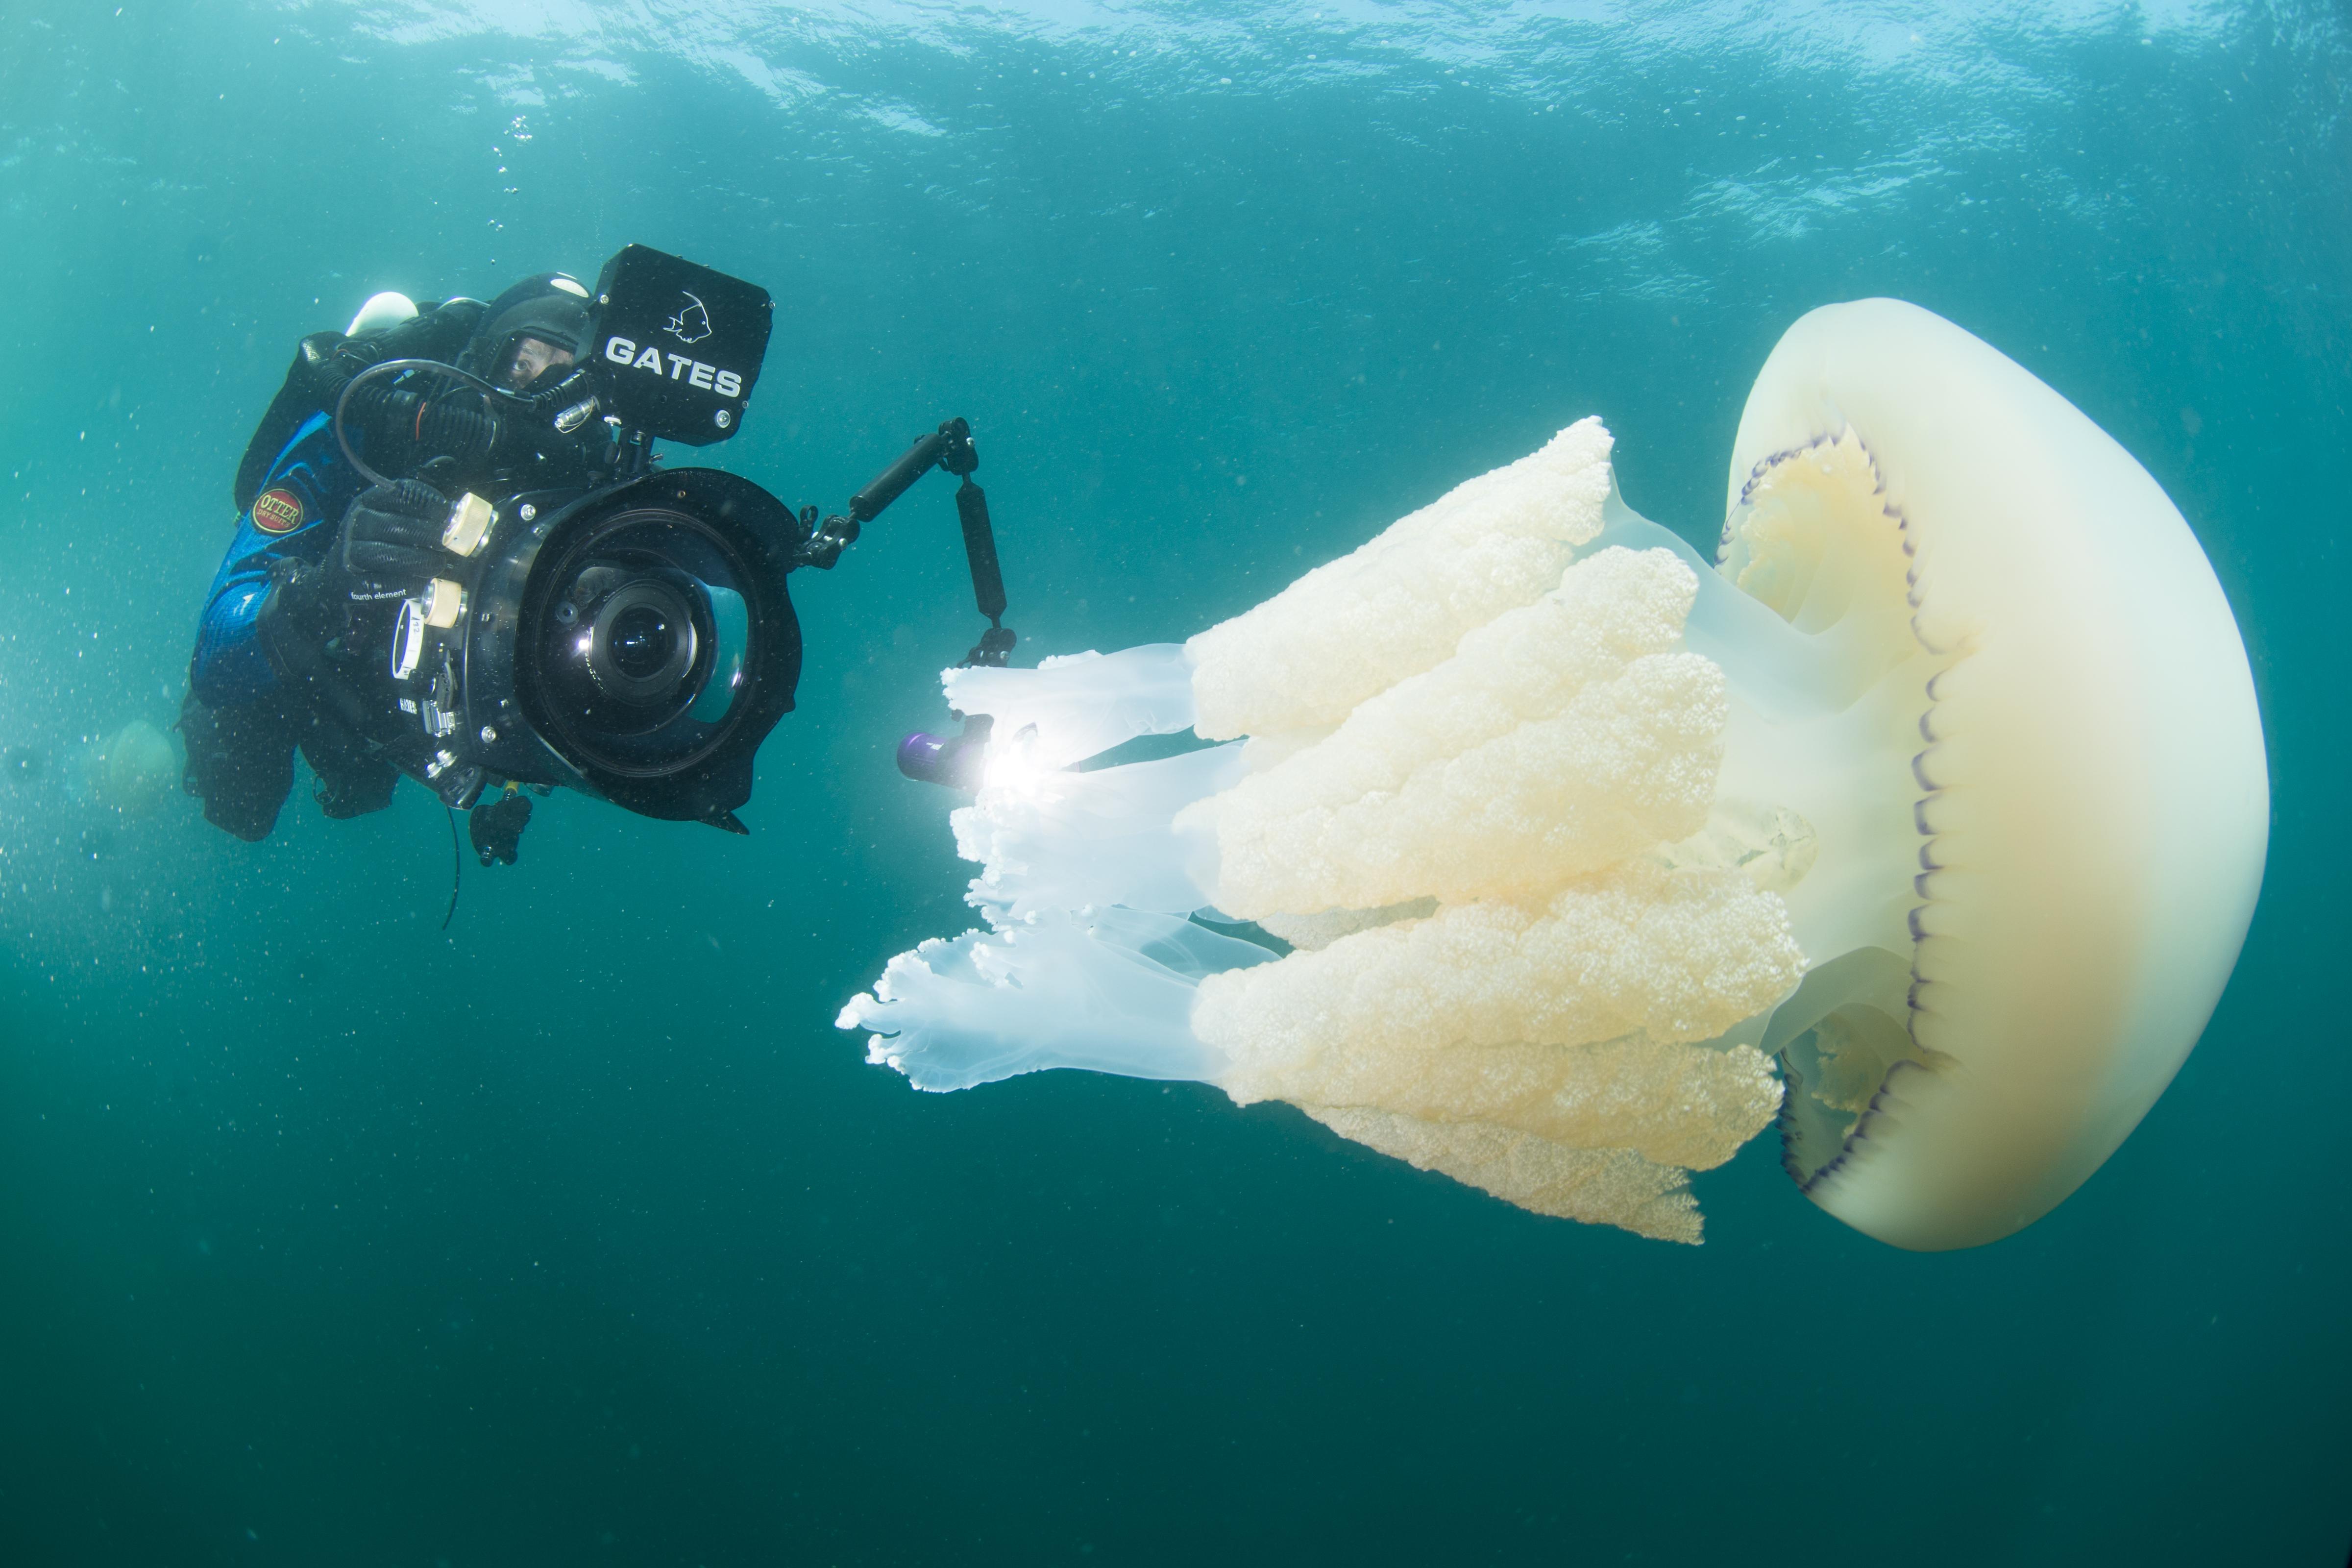 rich stevenson filming underwater